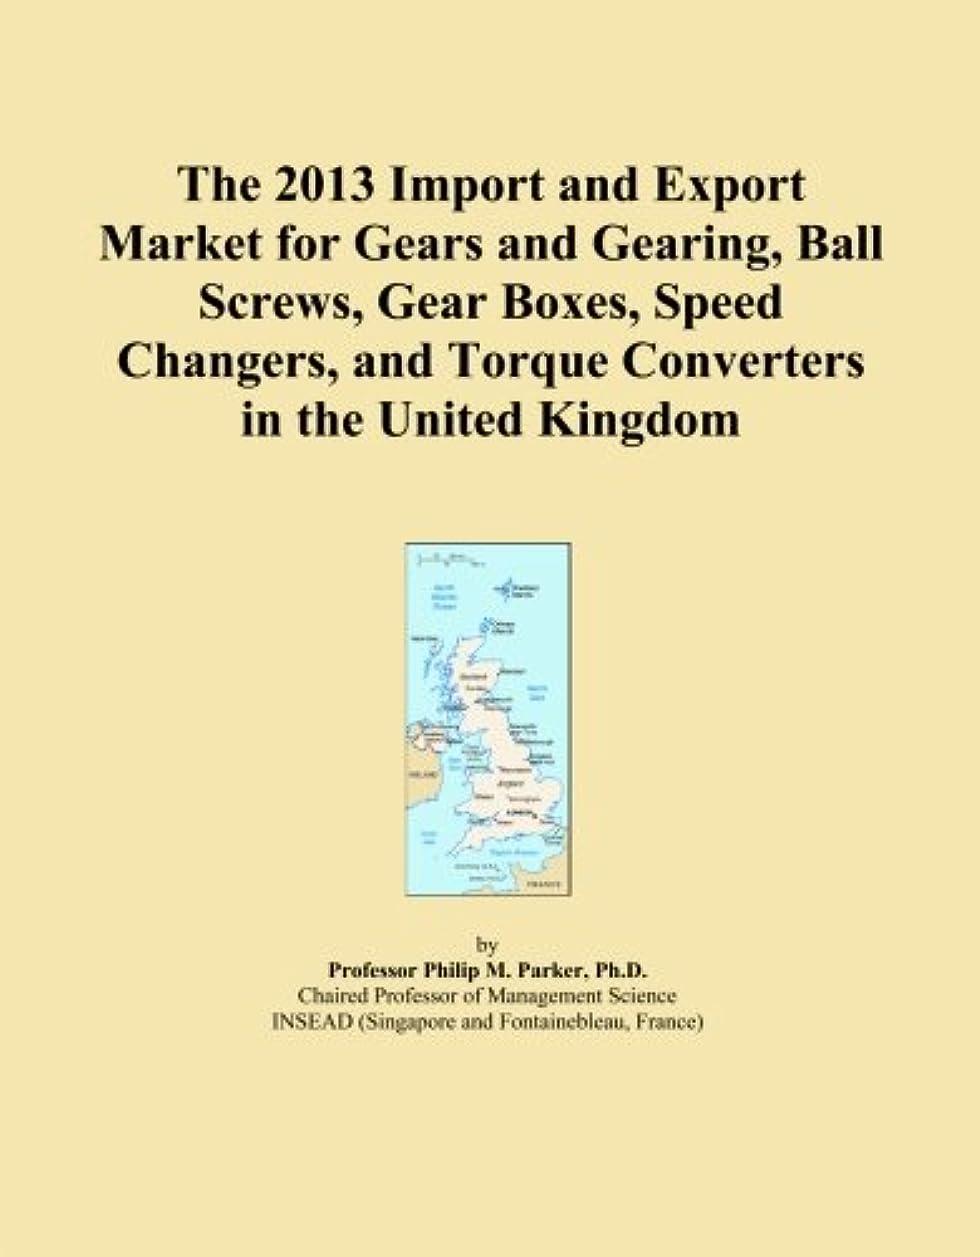 ノーブル下る結核The 2013 Import and Export Market for Gears and Gearing, Ball Screws, Gear Boxes, Speed Changers, and Torque Converters in the United Kingdom